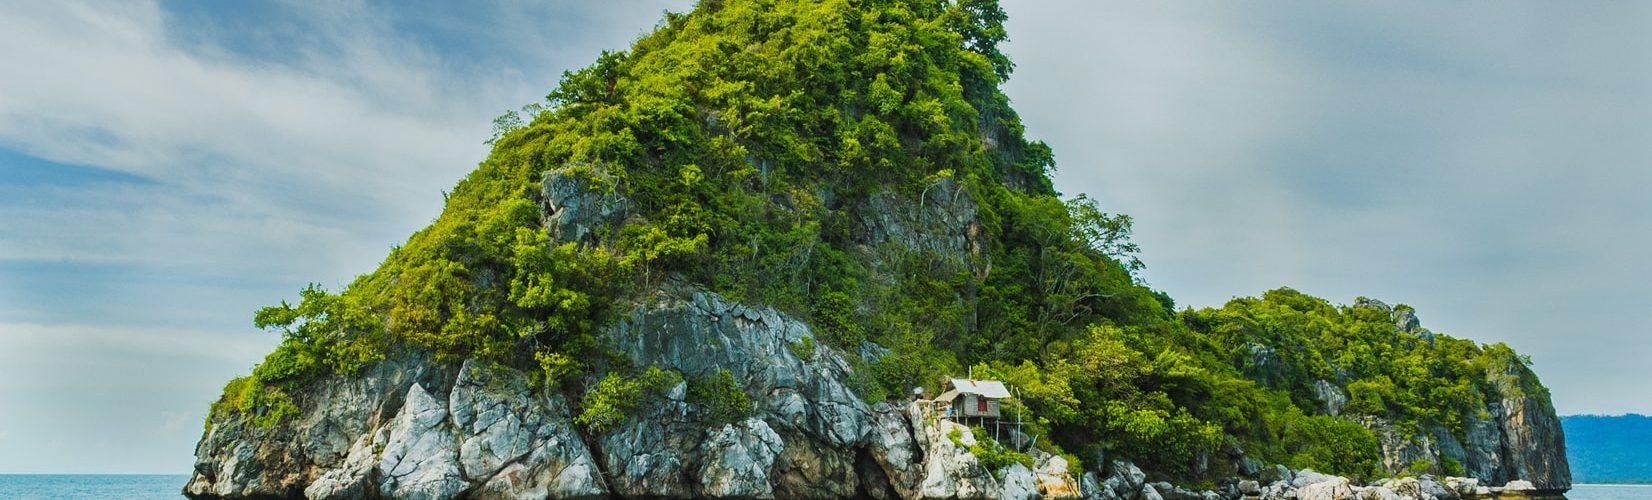 eigen-eiland